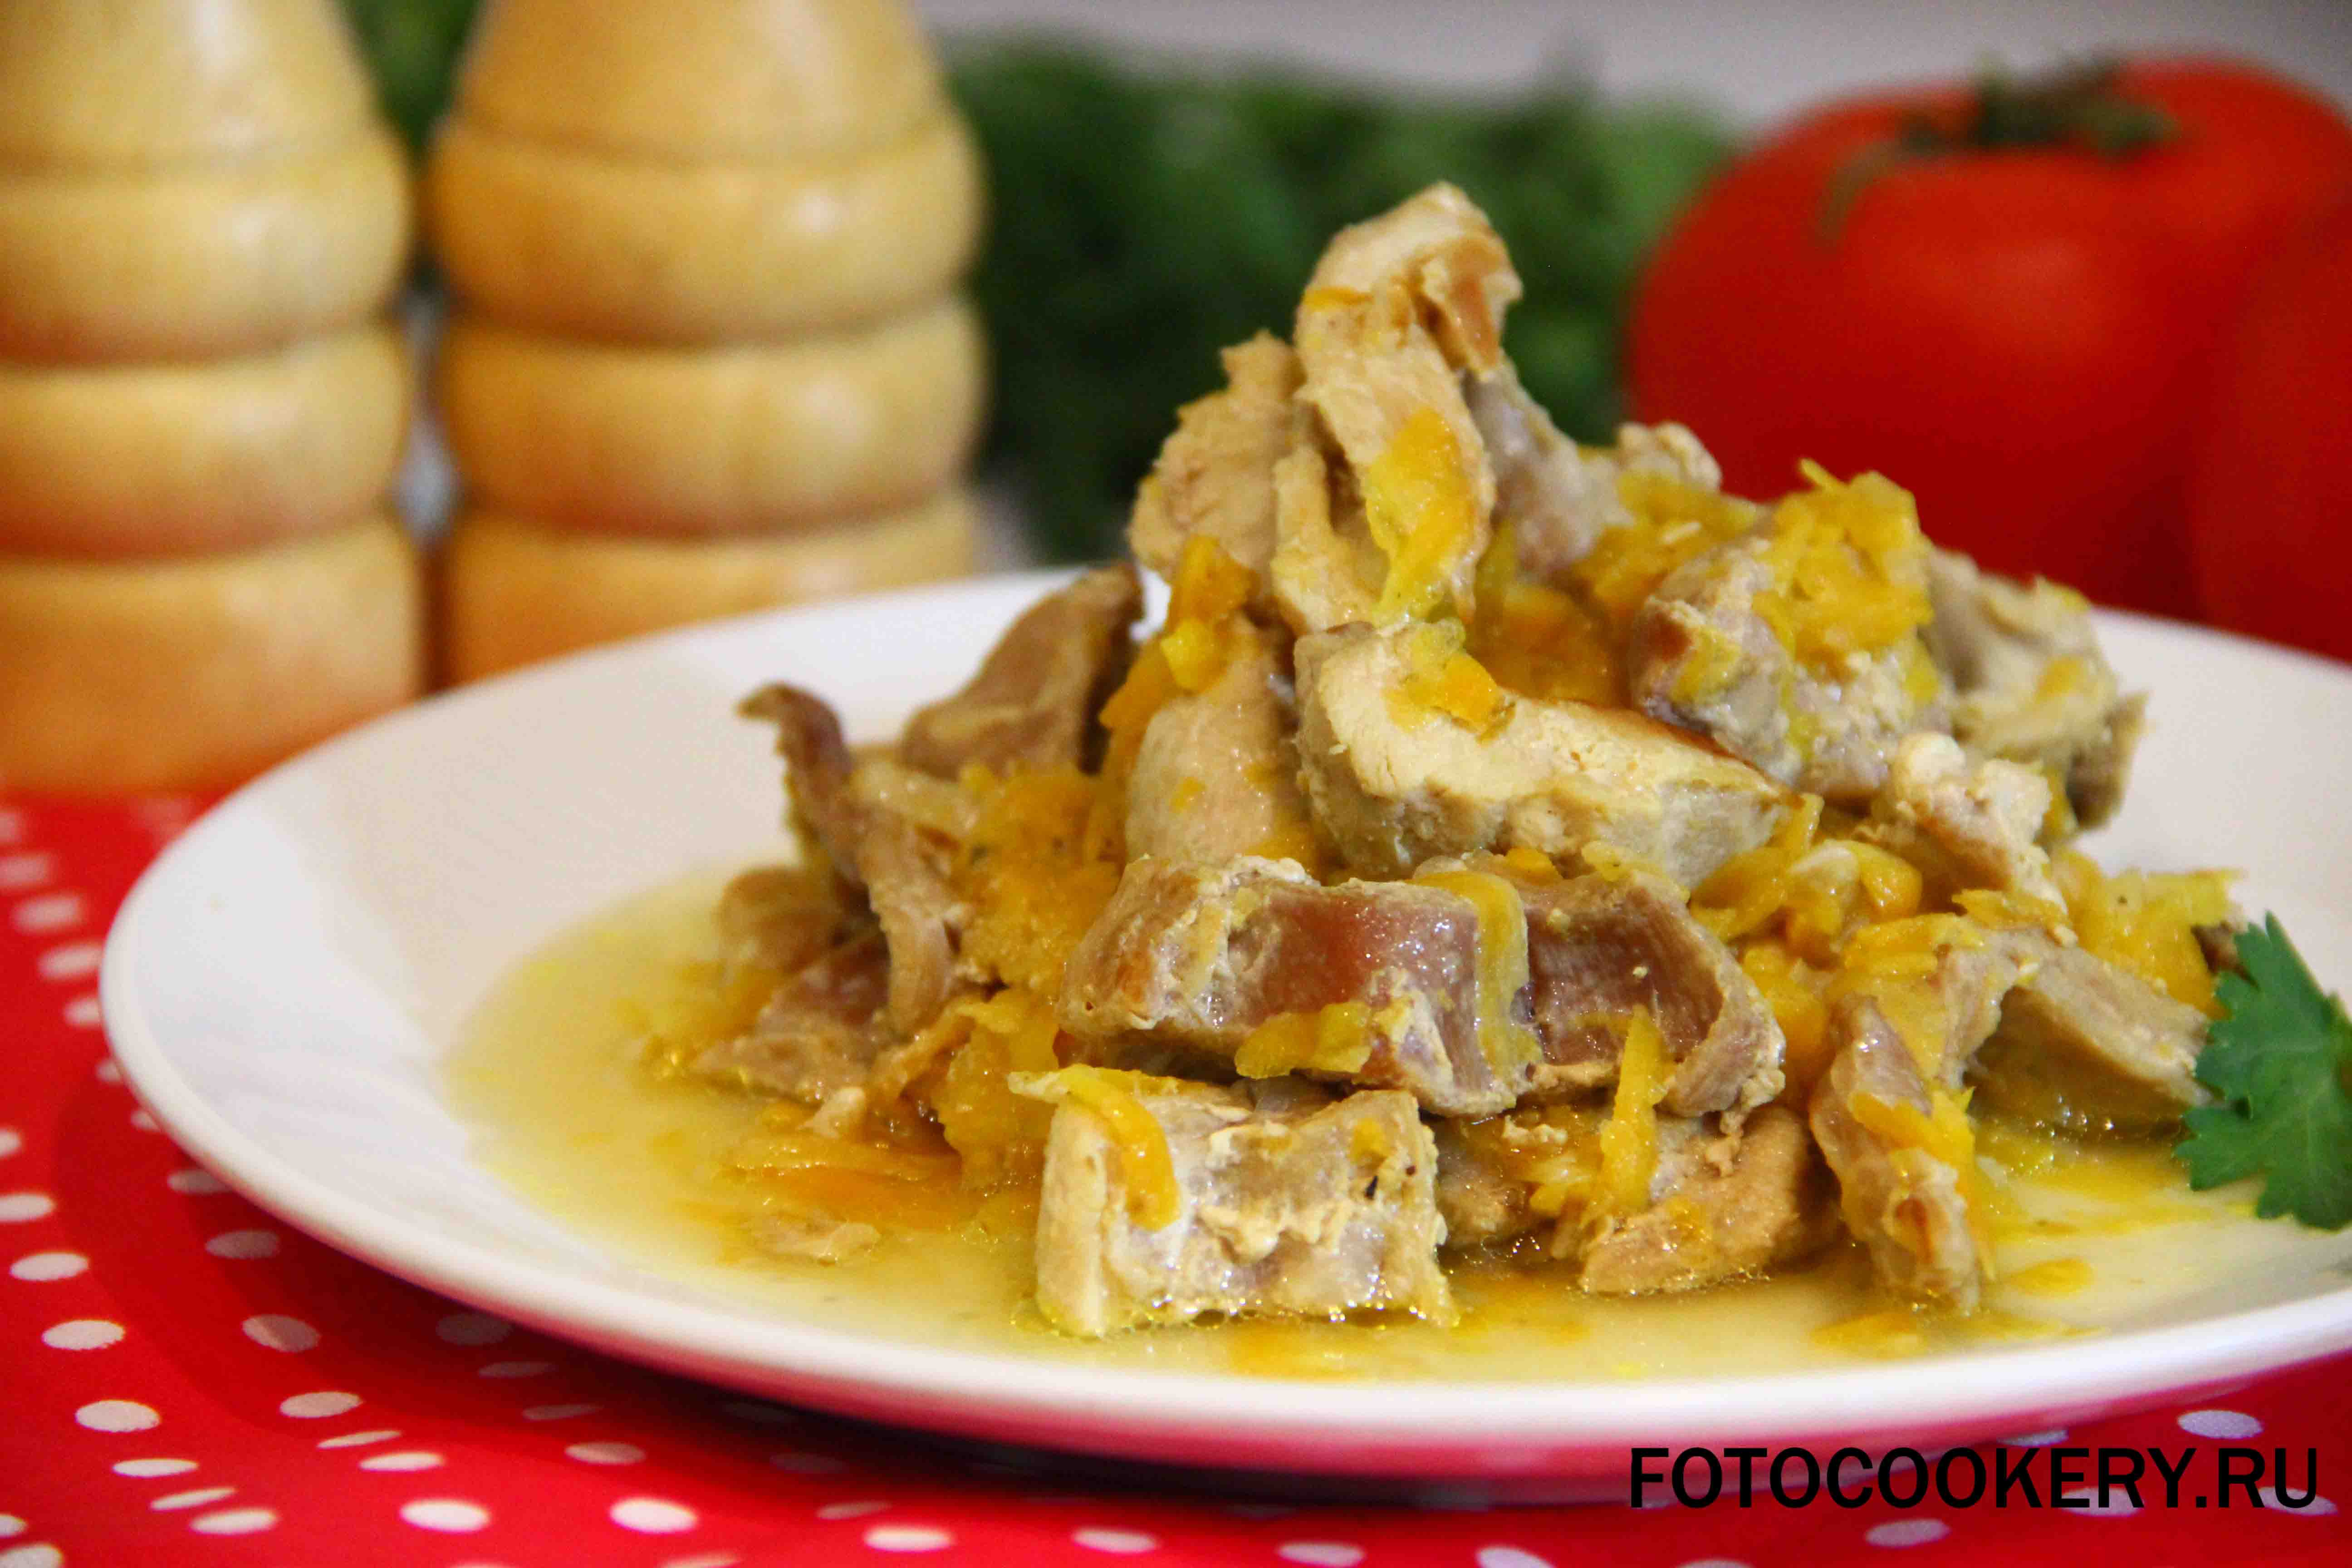 Кролик тушеный в сметане с картошкой пошаговый рецепт в мультиварке